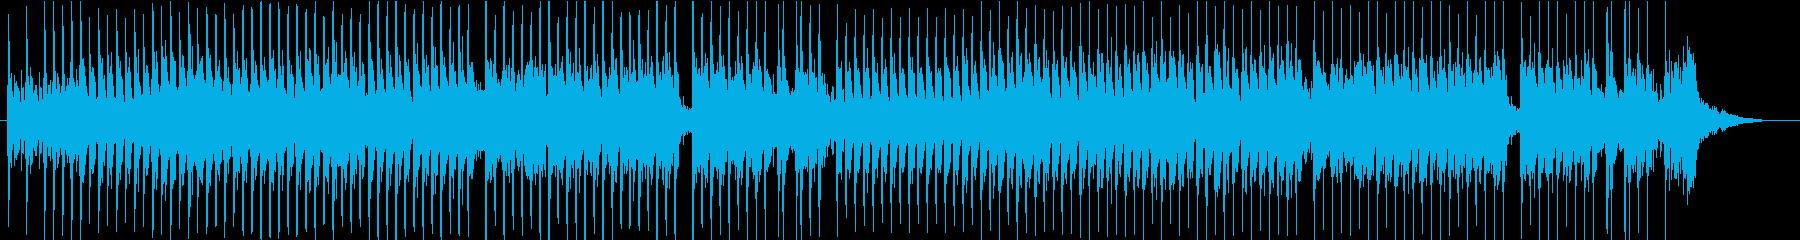 ドタバタ 大慌てなBGMの再生済みの波形